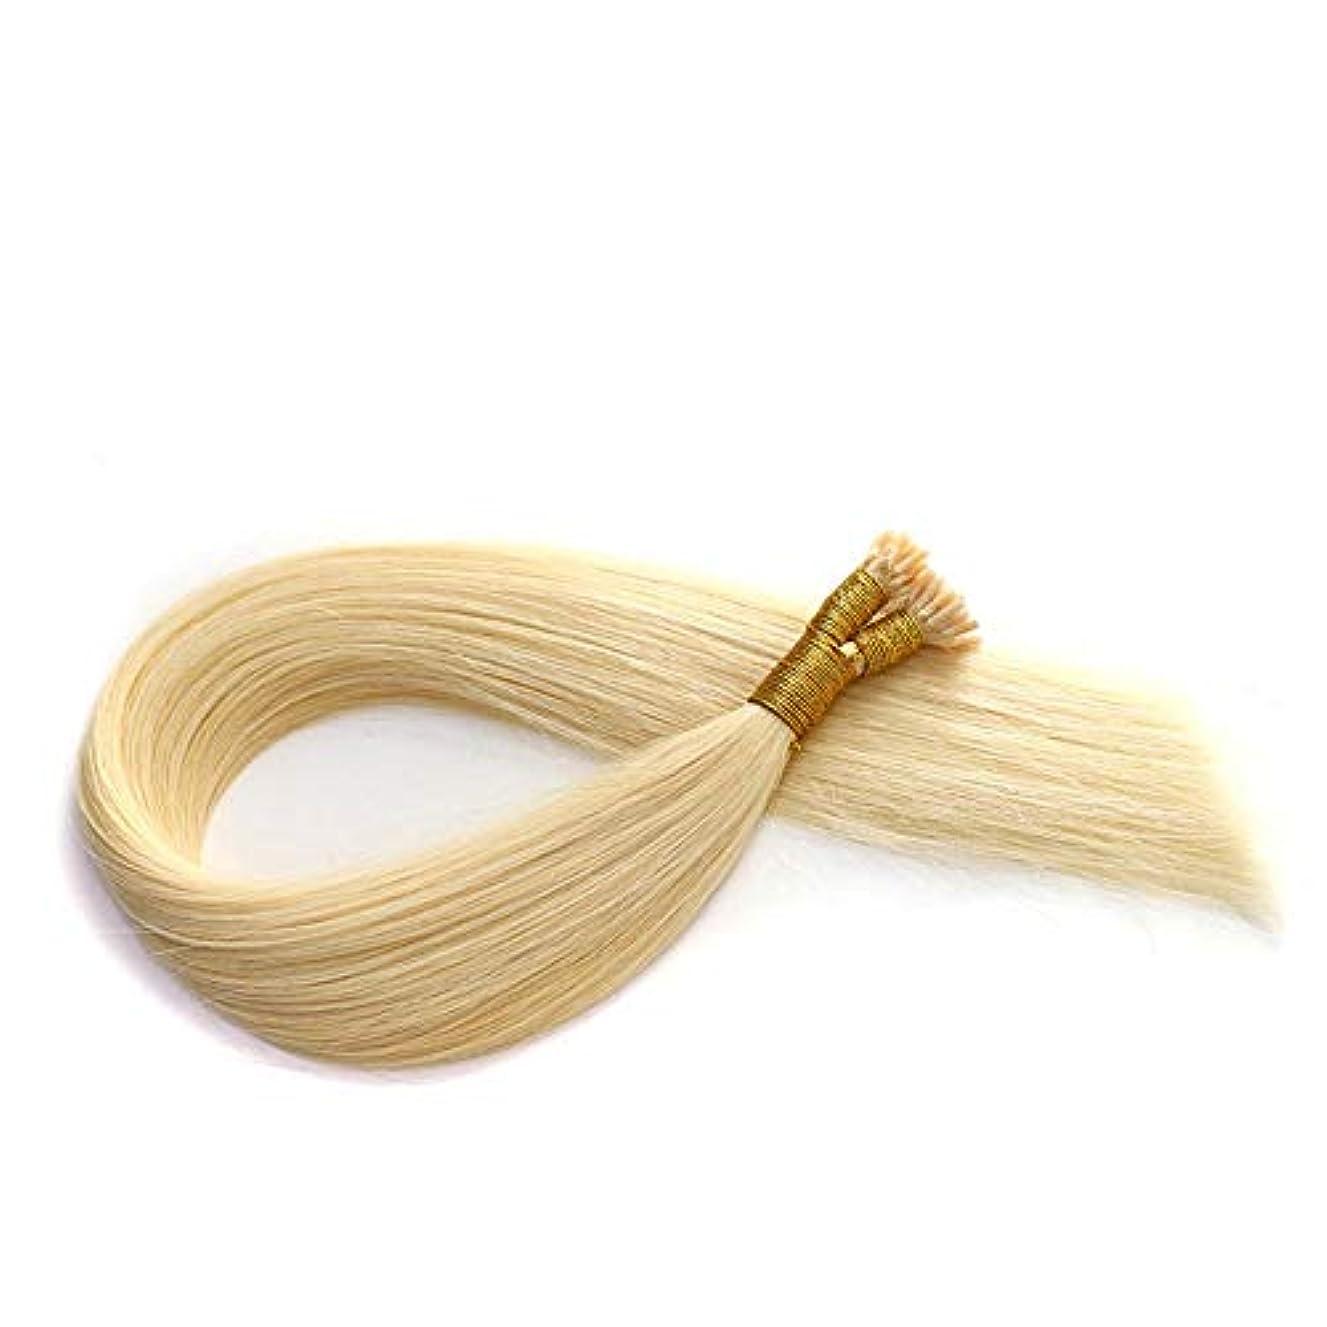 リズム批評エンコミウムWASAIO ヘアエクステンションクリップのシームレスな髪型ブロンドナノリングリテラル太い人間レミーすべての長さの光 (色 : Blonde, サイズ : 12 inch)